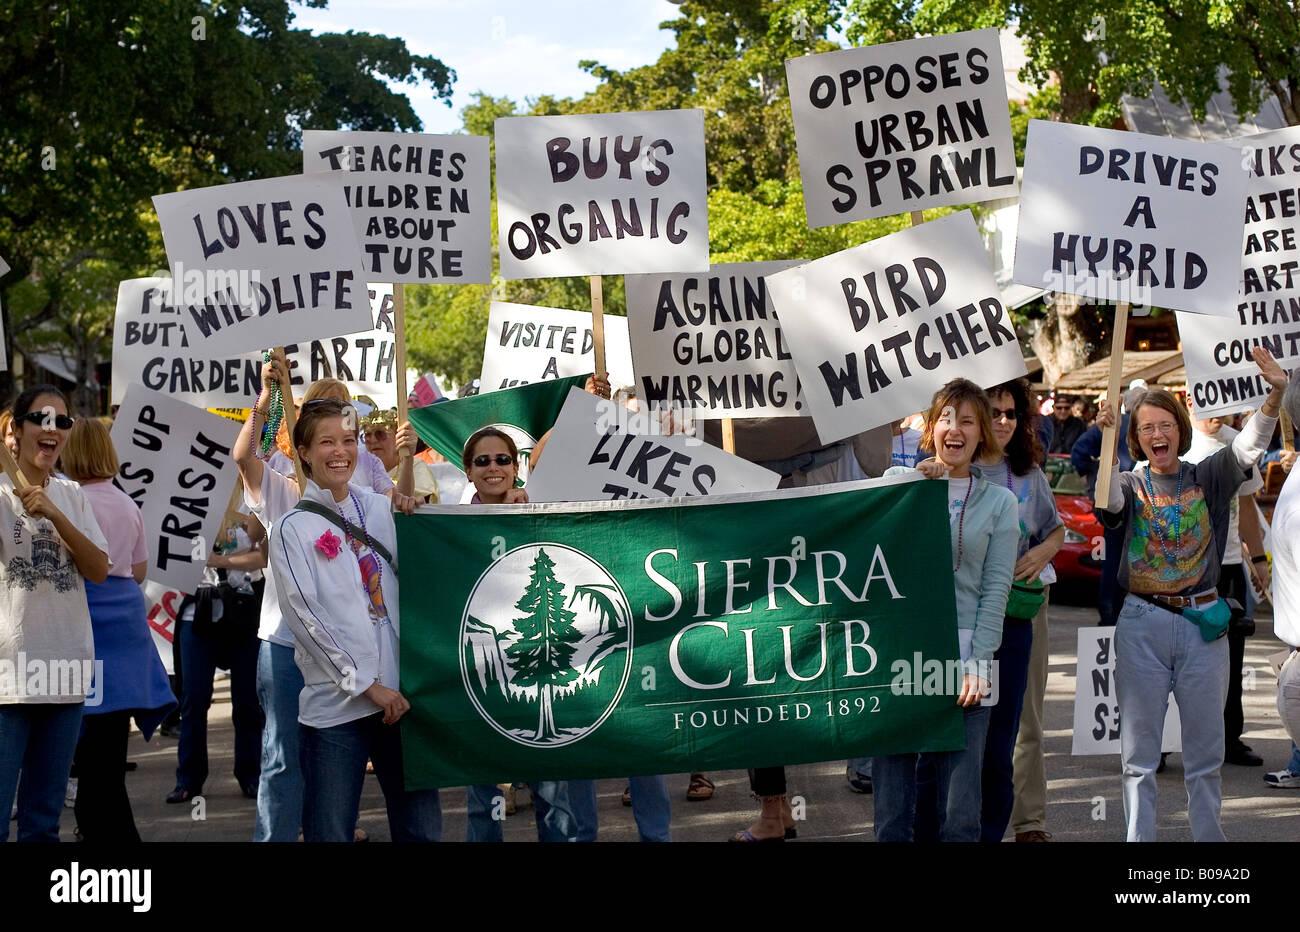 La promotion rallye le Sierra Club, elles occupaient des bannières promouvoir les questions environnementales Photo Stock